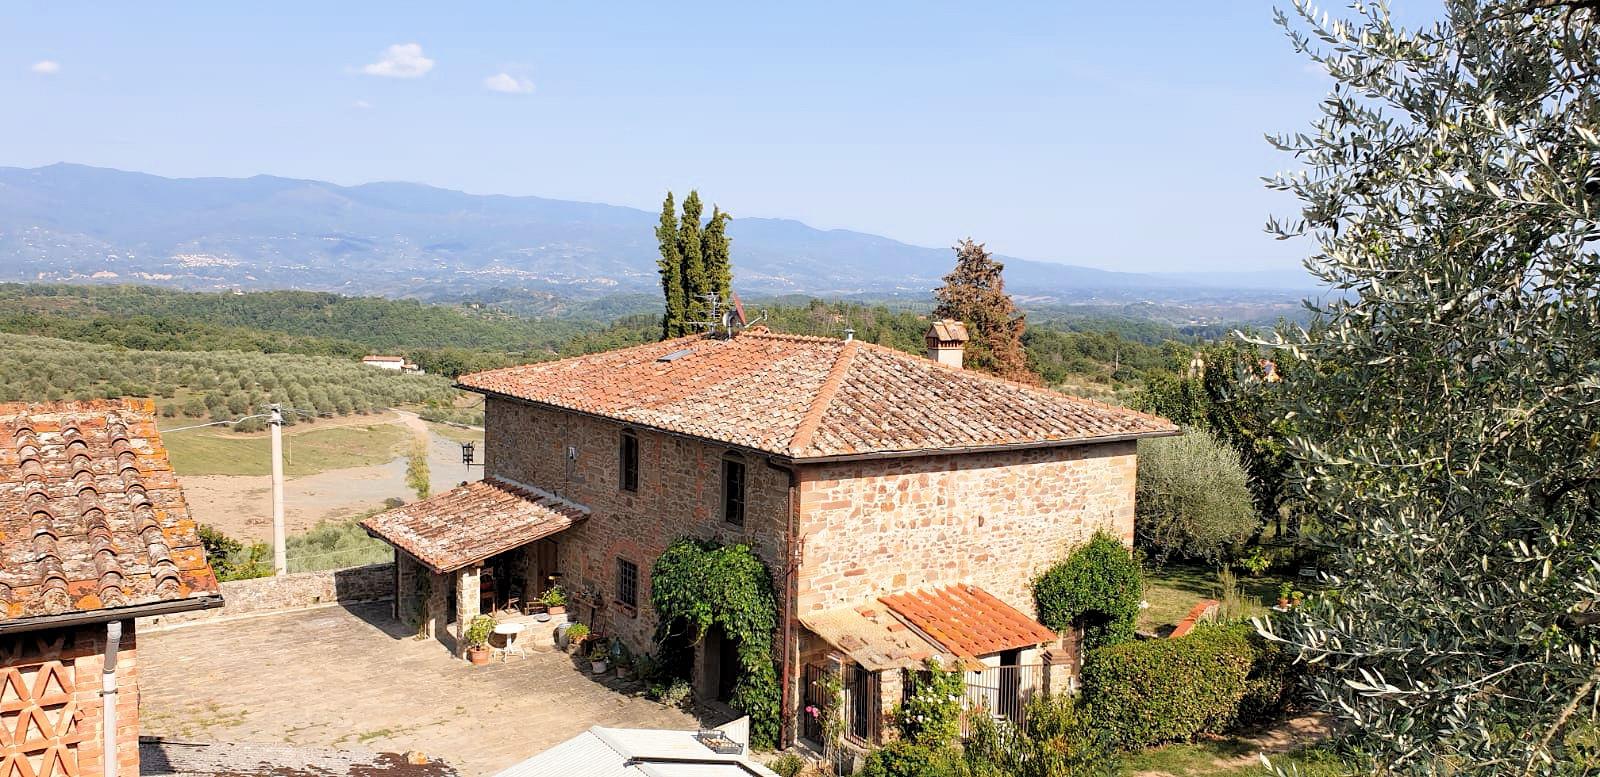 1030-Antico casale ristrutturato con vista panoramica-Figline e Incisa Valdarno-1 Agenzia Immobiliare ASIP